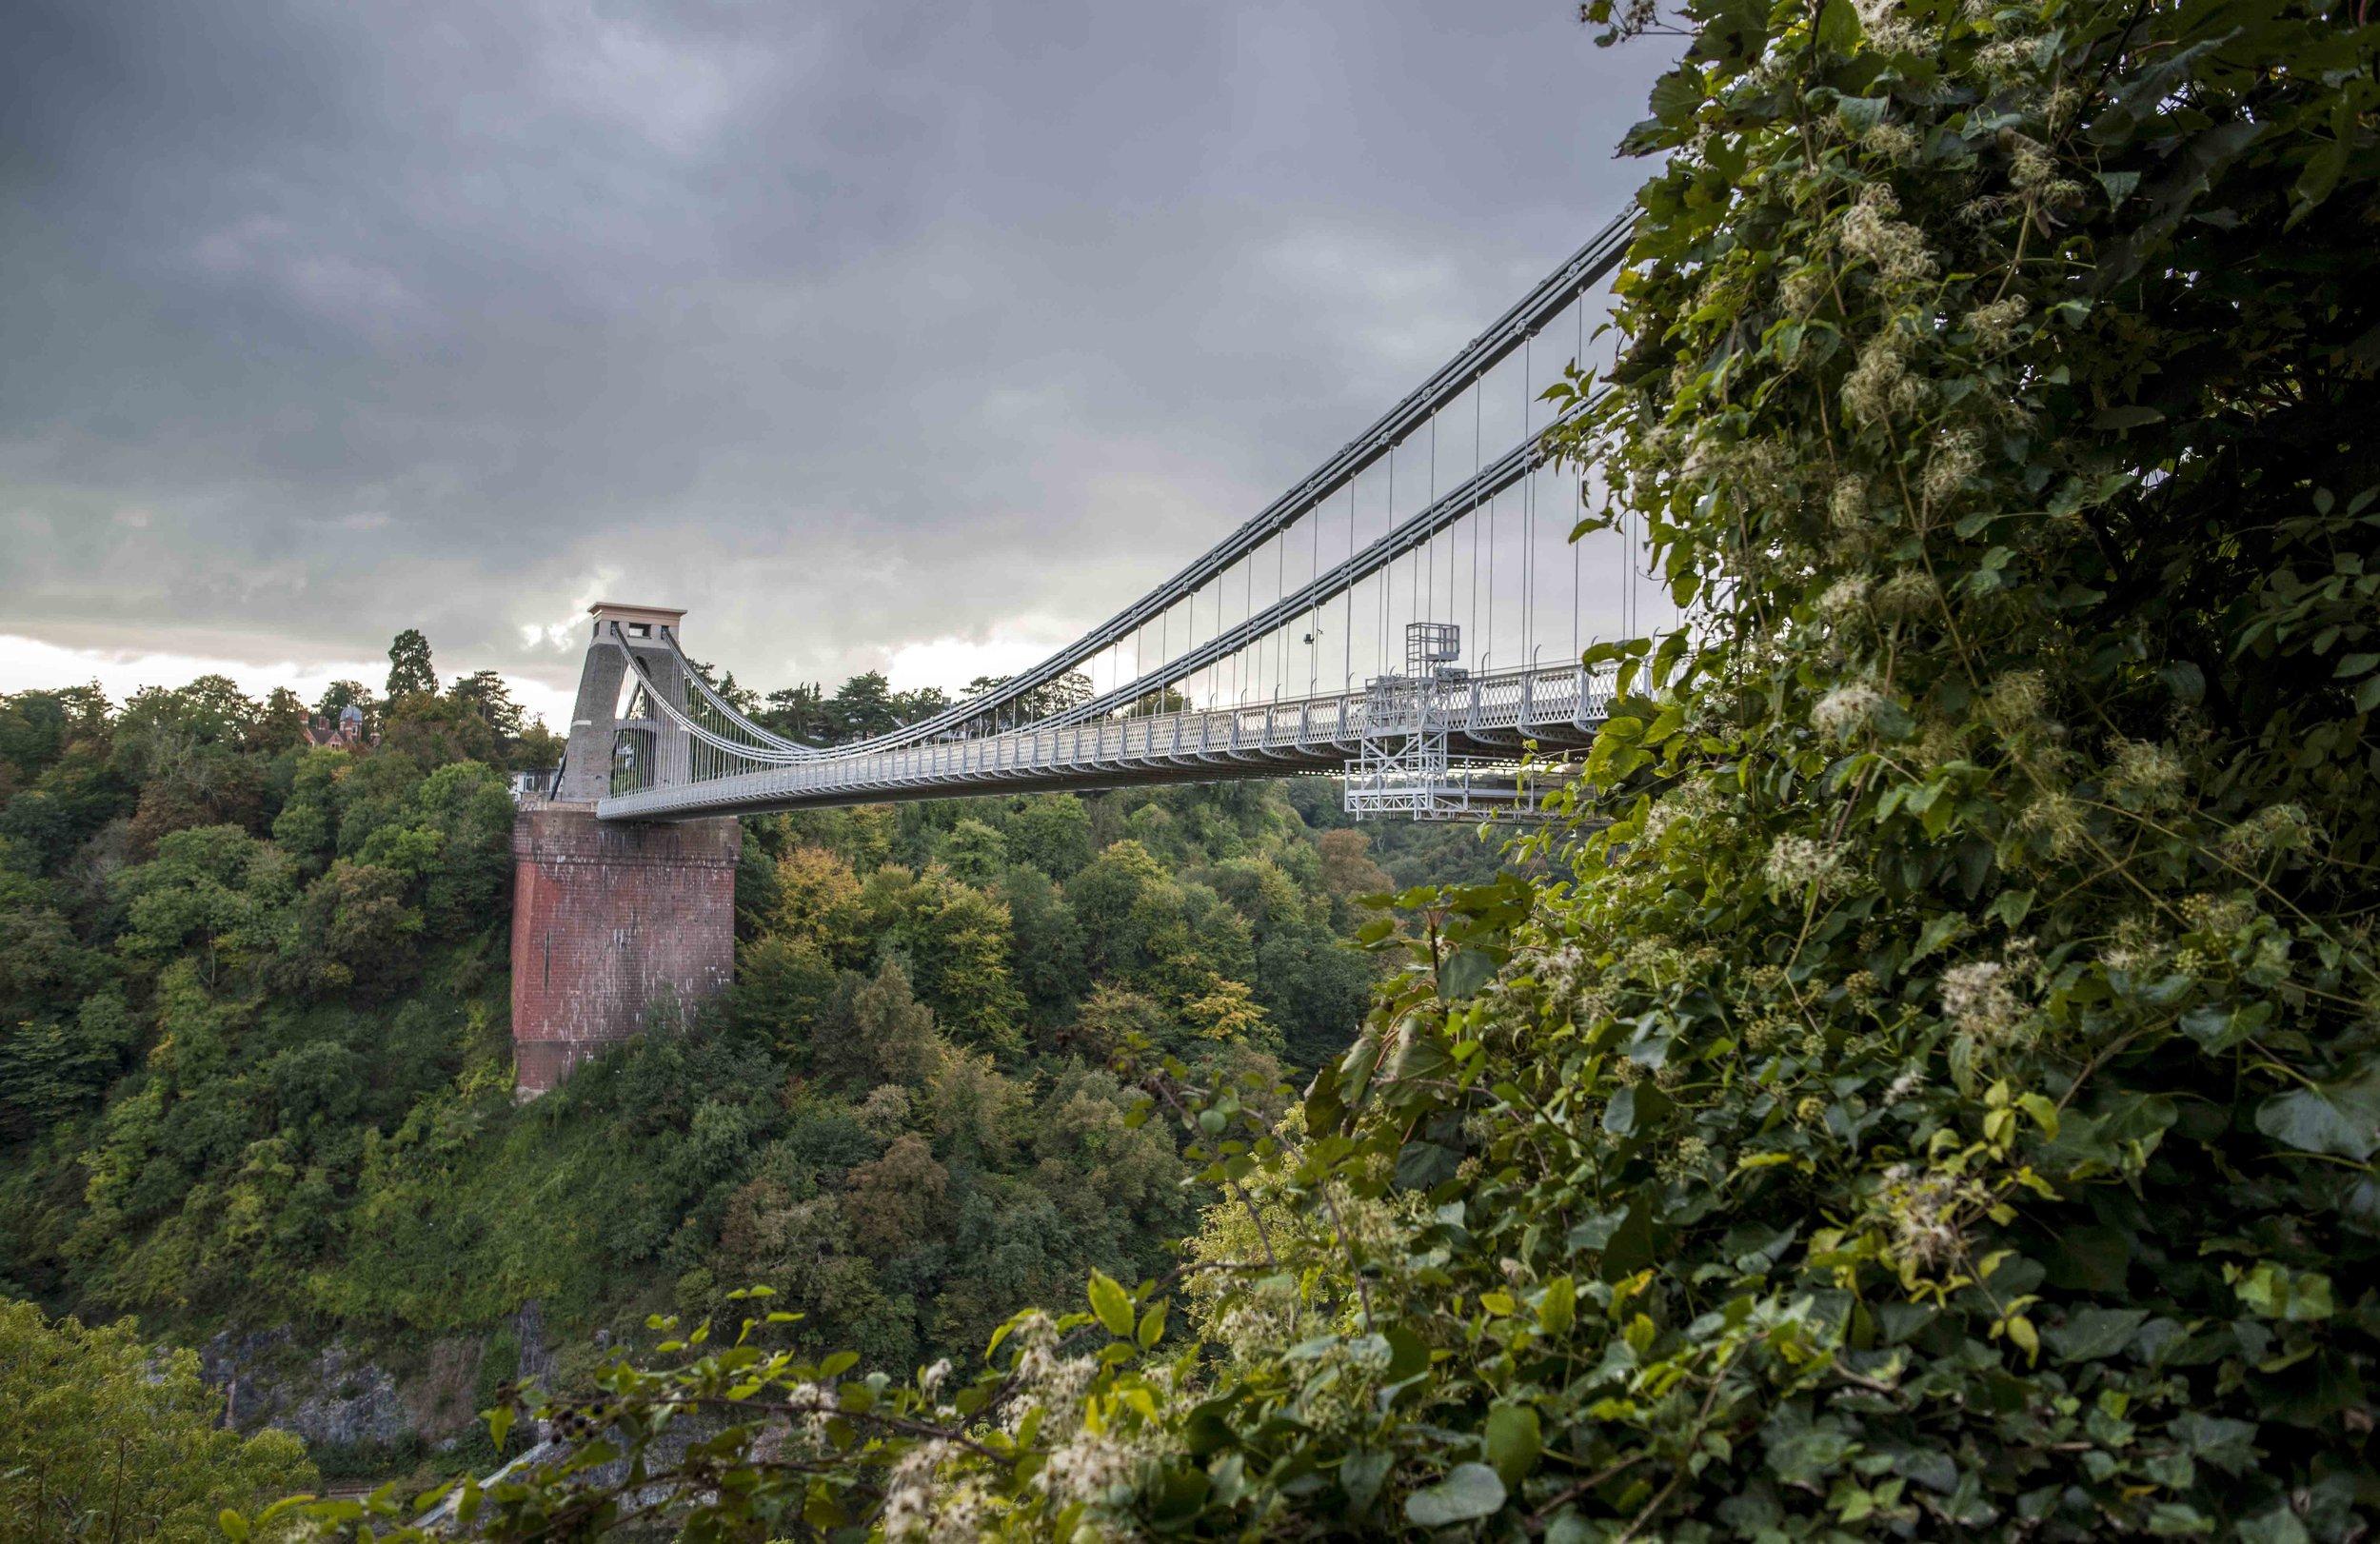 Clifton Suspension Bridge, opened 1964 in Bristol